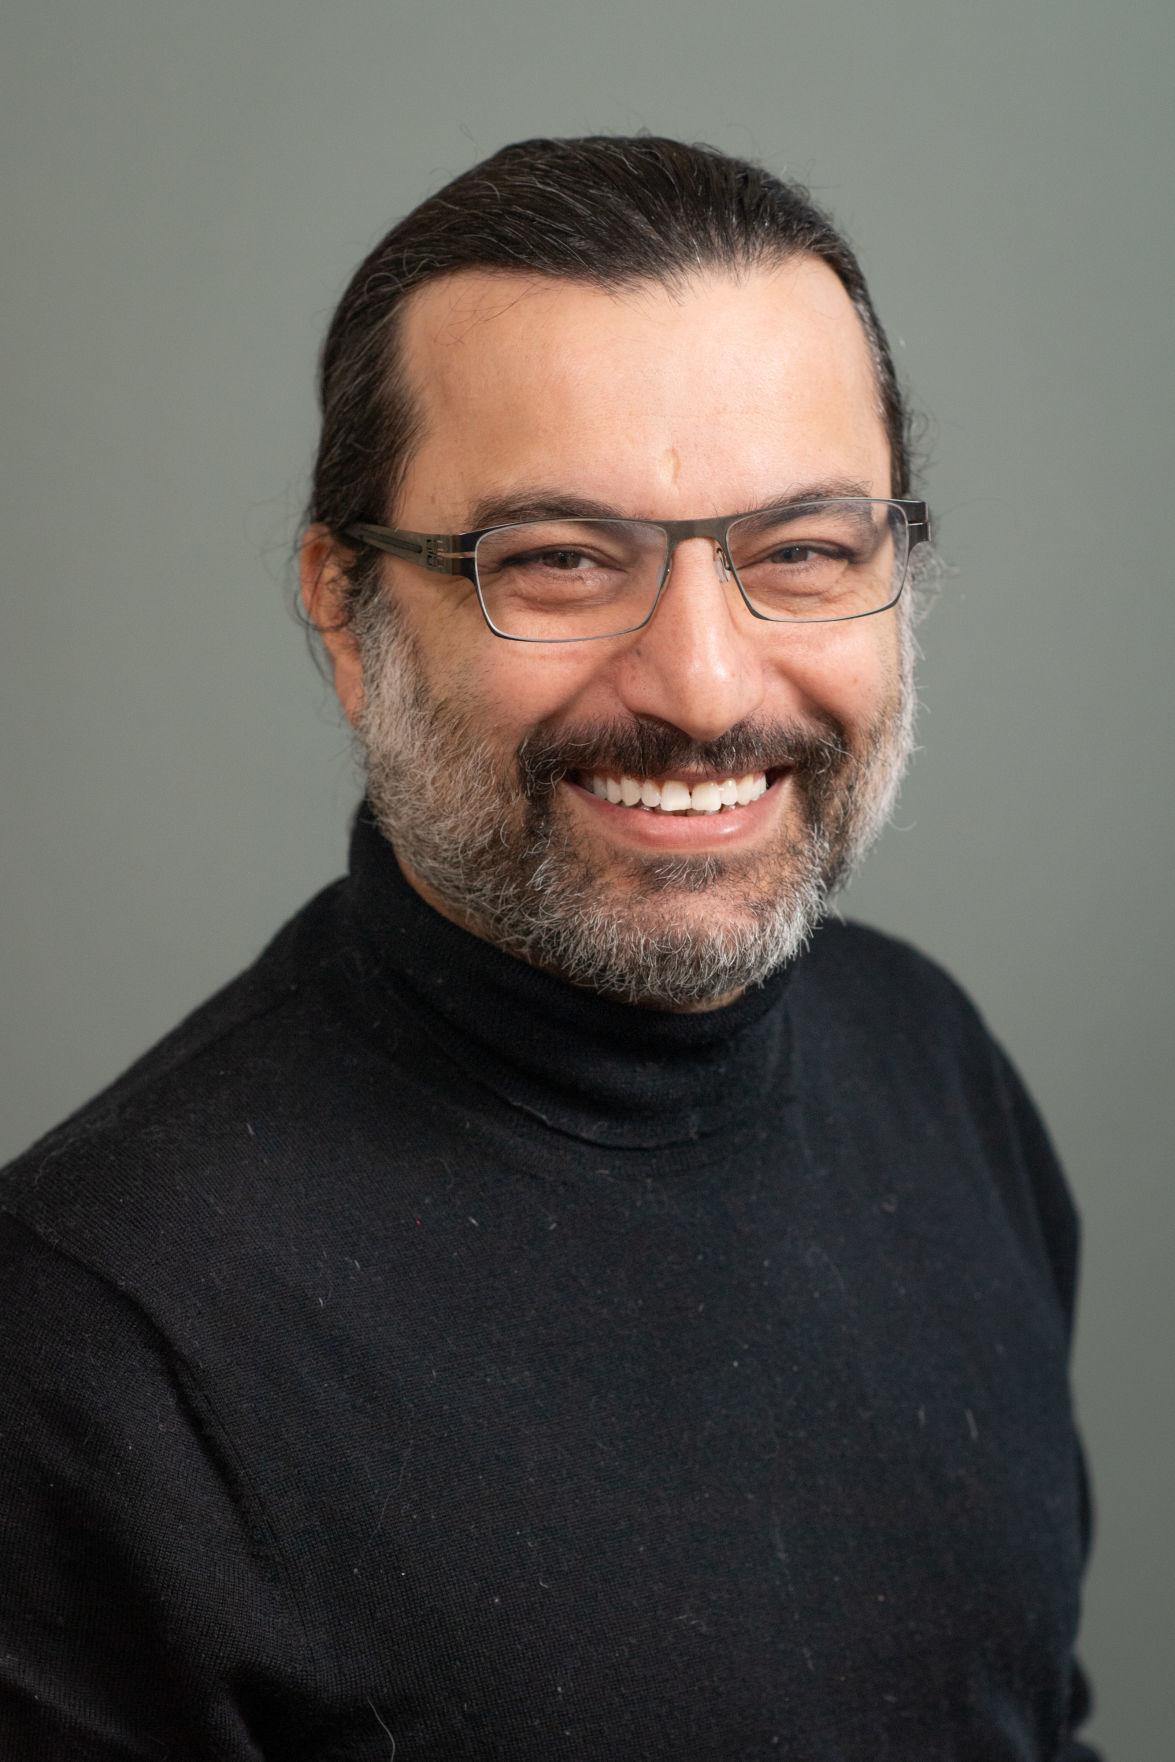 Farid Masrour